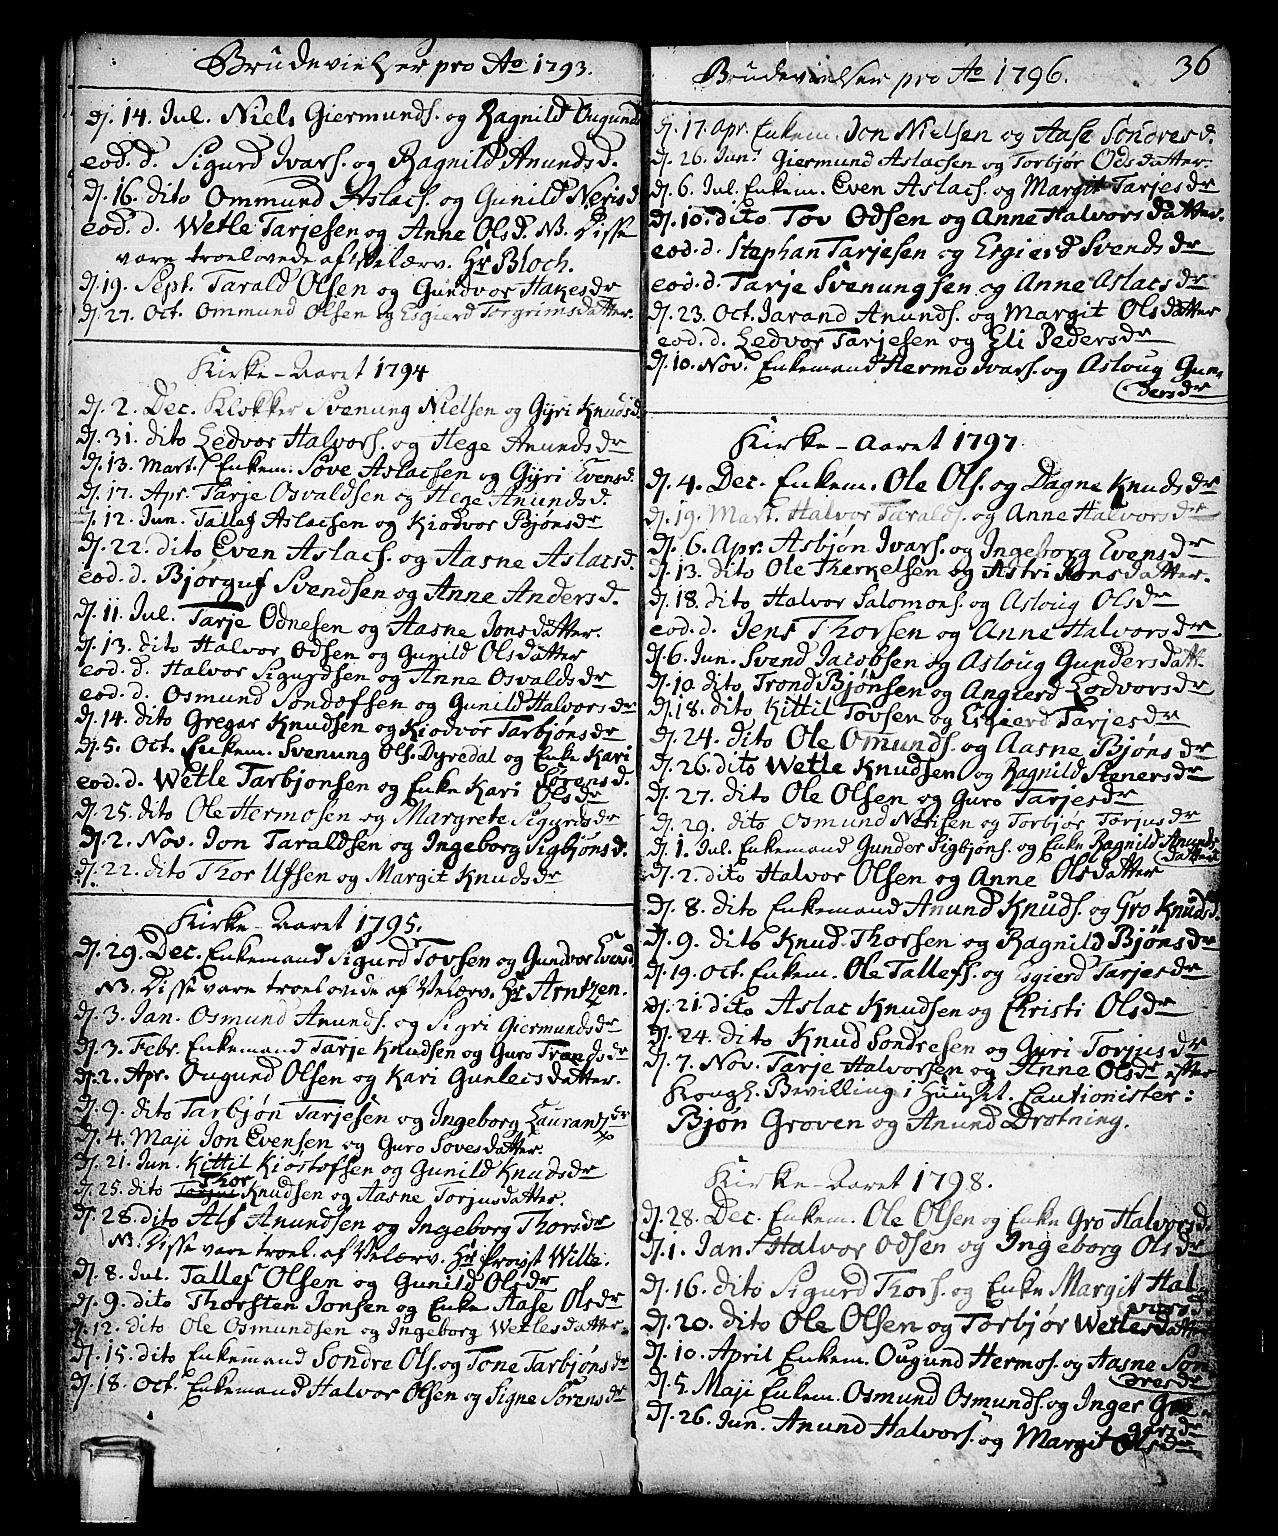 SAKO, Vinje kirkebøker, F/Fa/L0002: Ministerialbok nr. I 2, 1767-1814, s. 36